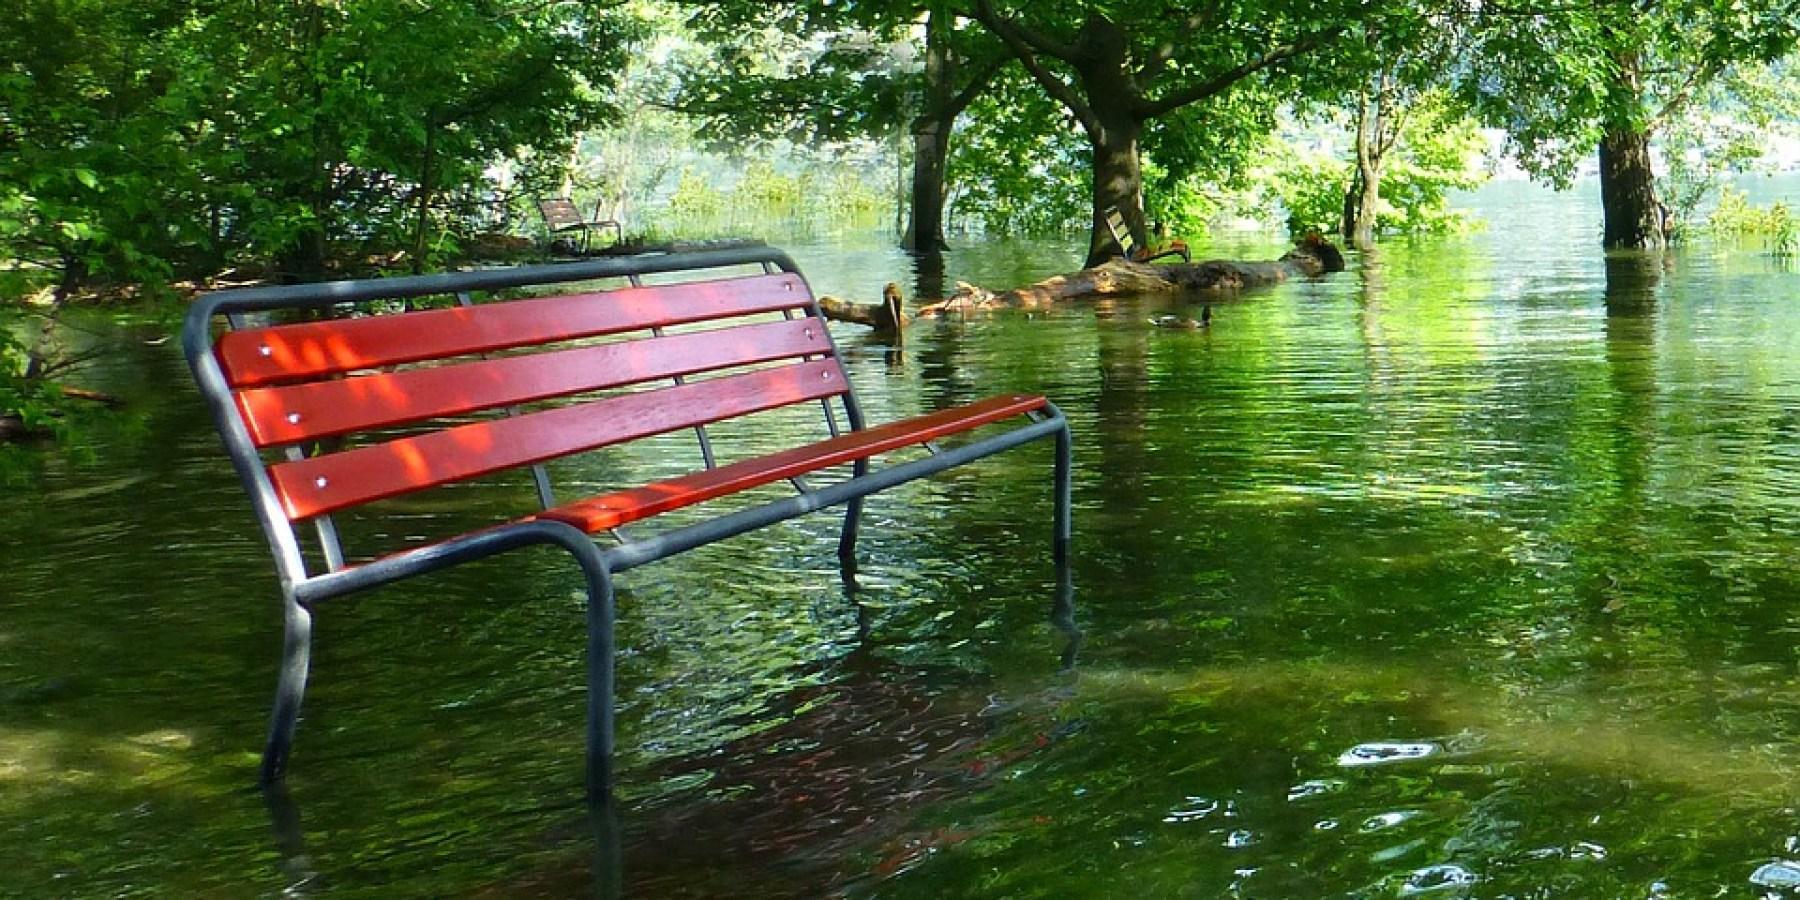 Stadt investiert 1,53 Millionen Euro für Hochwasserschutz und Ökologie